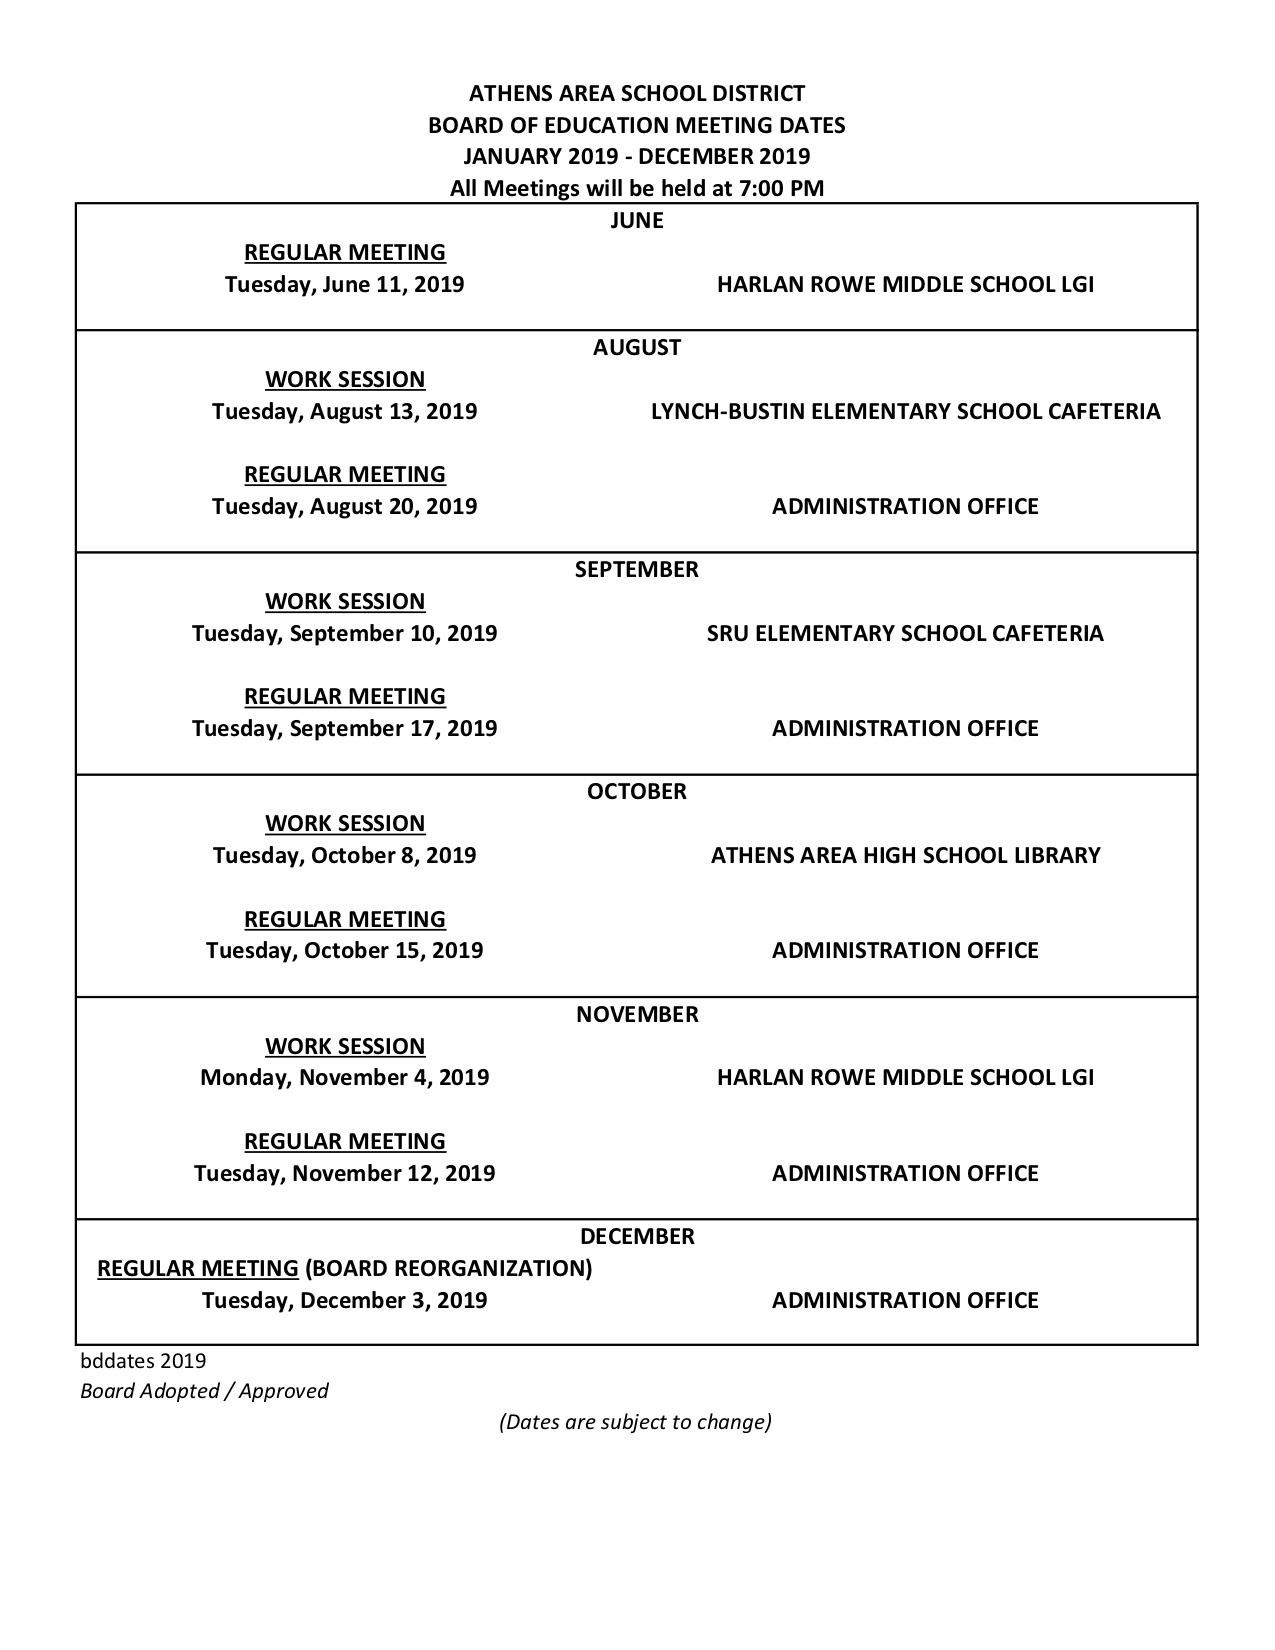 Jul/Dec Board Meeting Dates